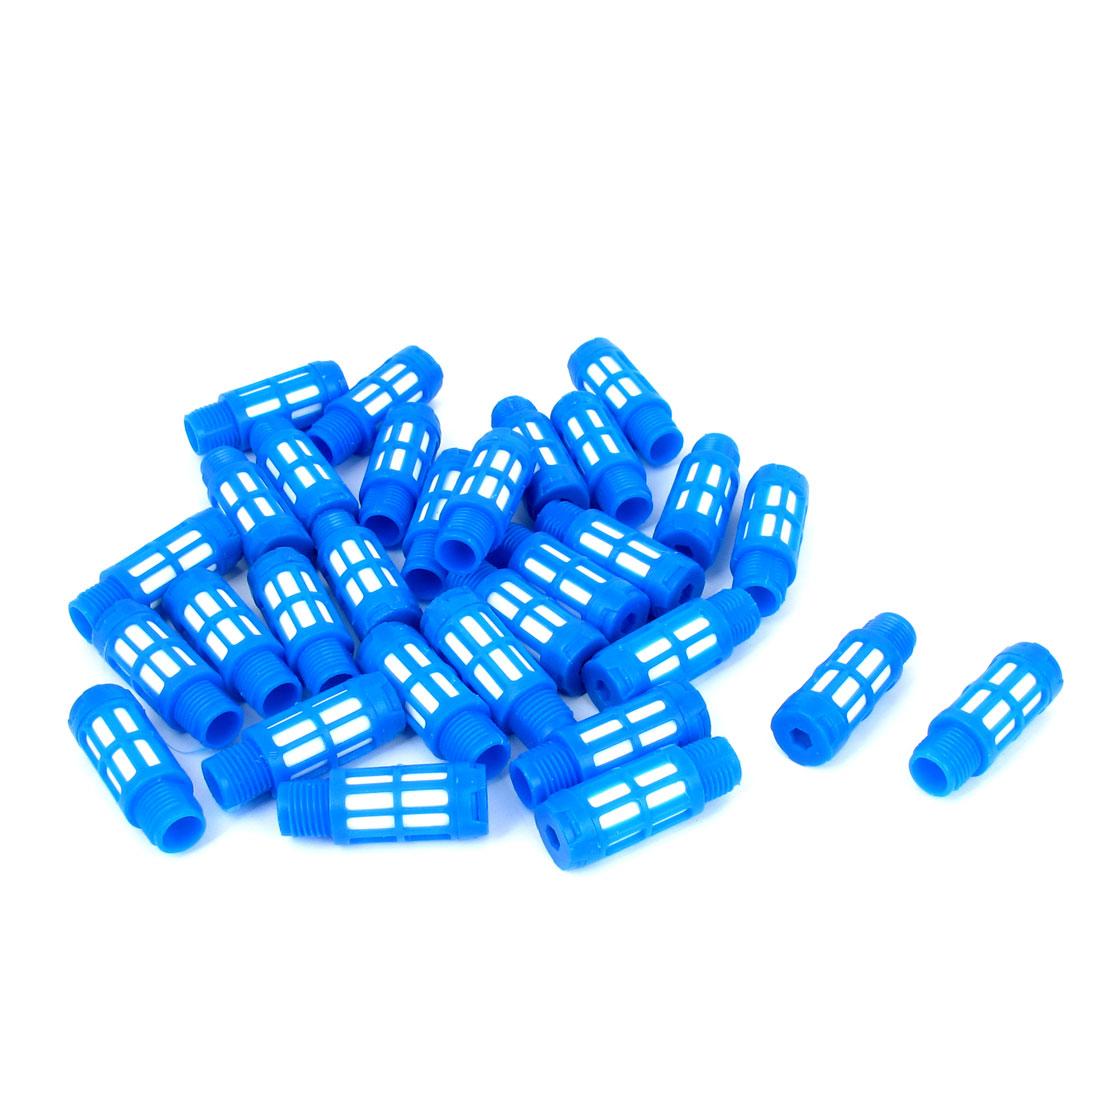 1/4BSP Male Thread Plastic Pneumatic Silencer Muffler Noise Exhaust Blue 30pcs